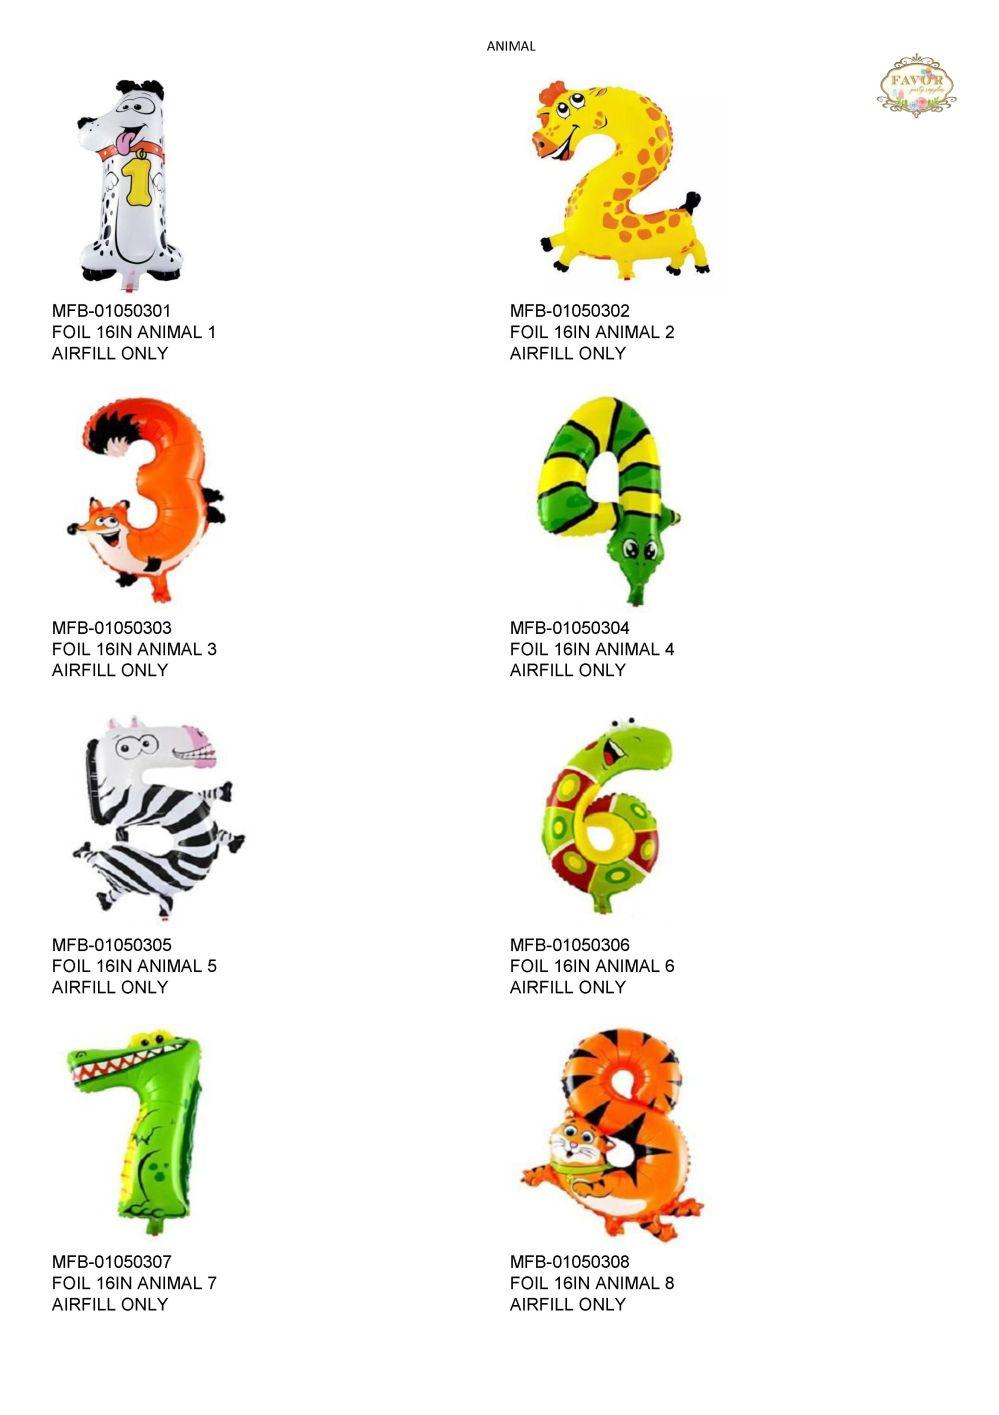 katalog-animal-and-hbd_01